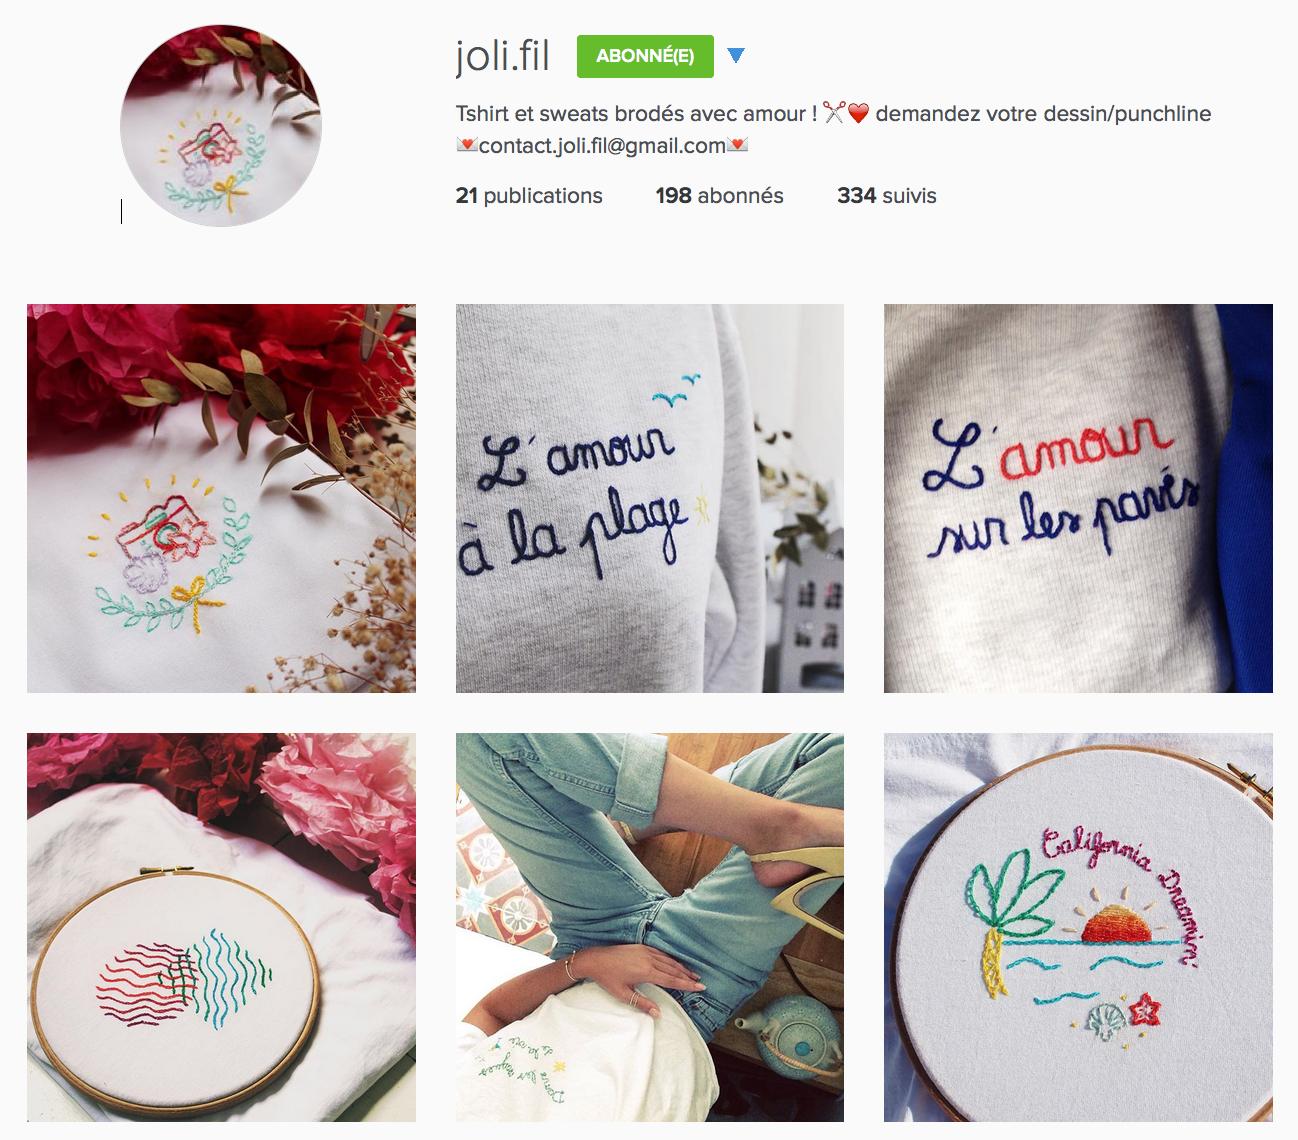 Compte instagram Joli.fil